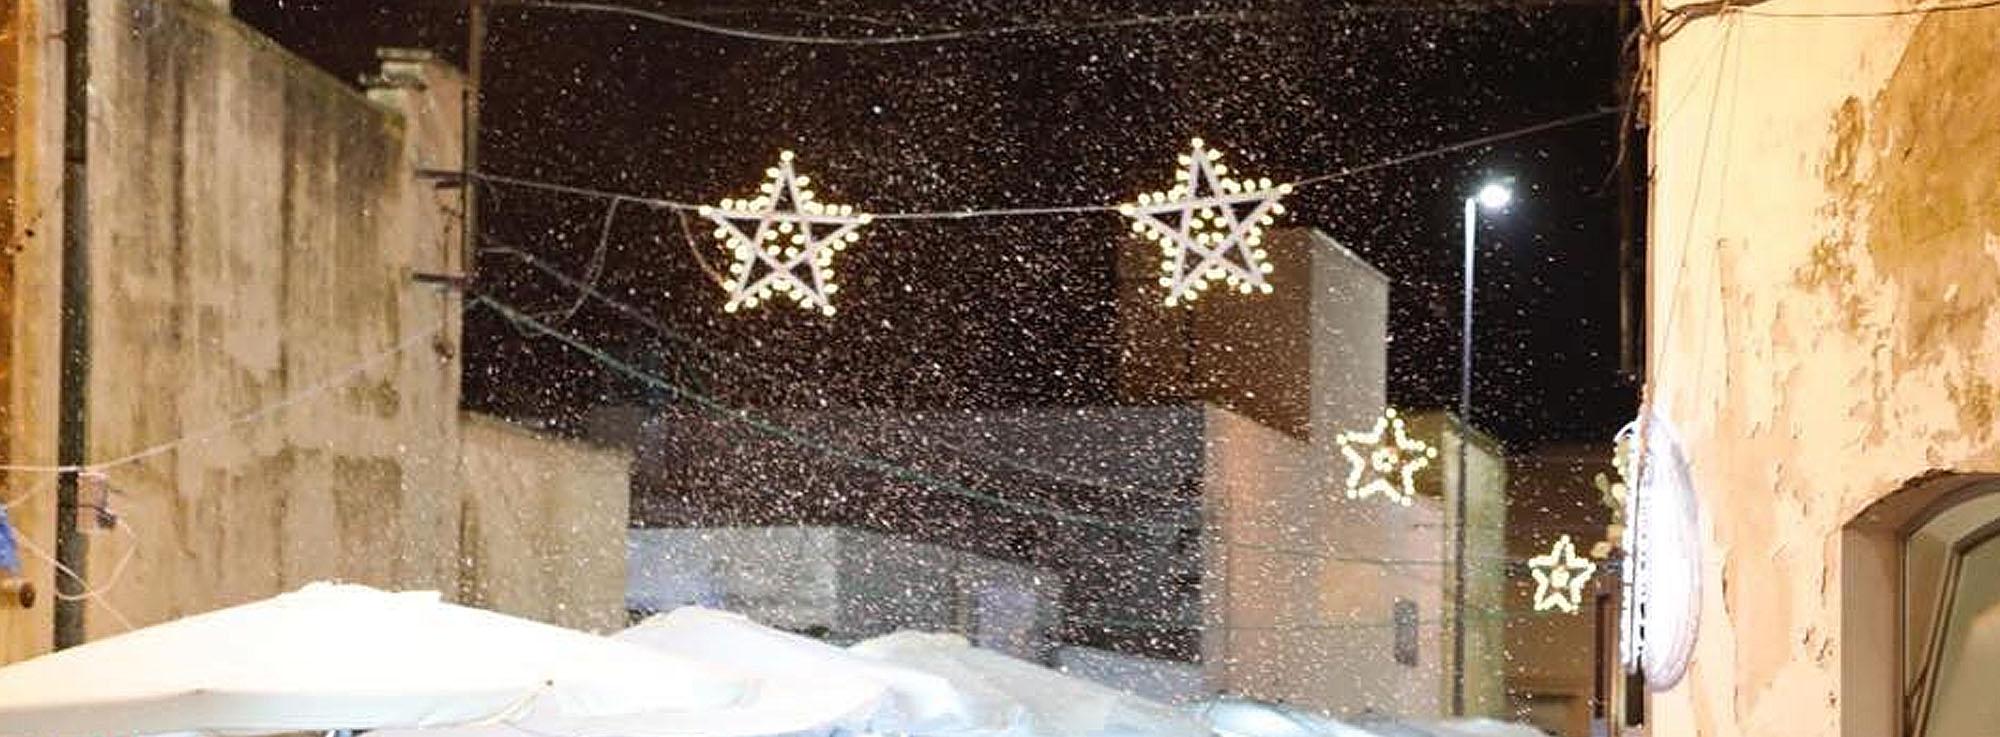 Guagnano: So this is Christmas